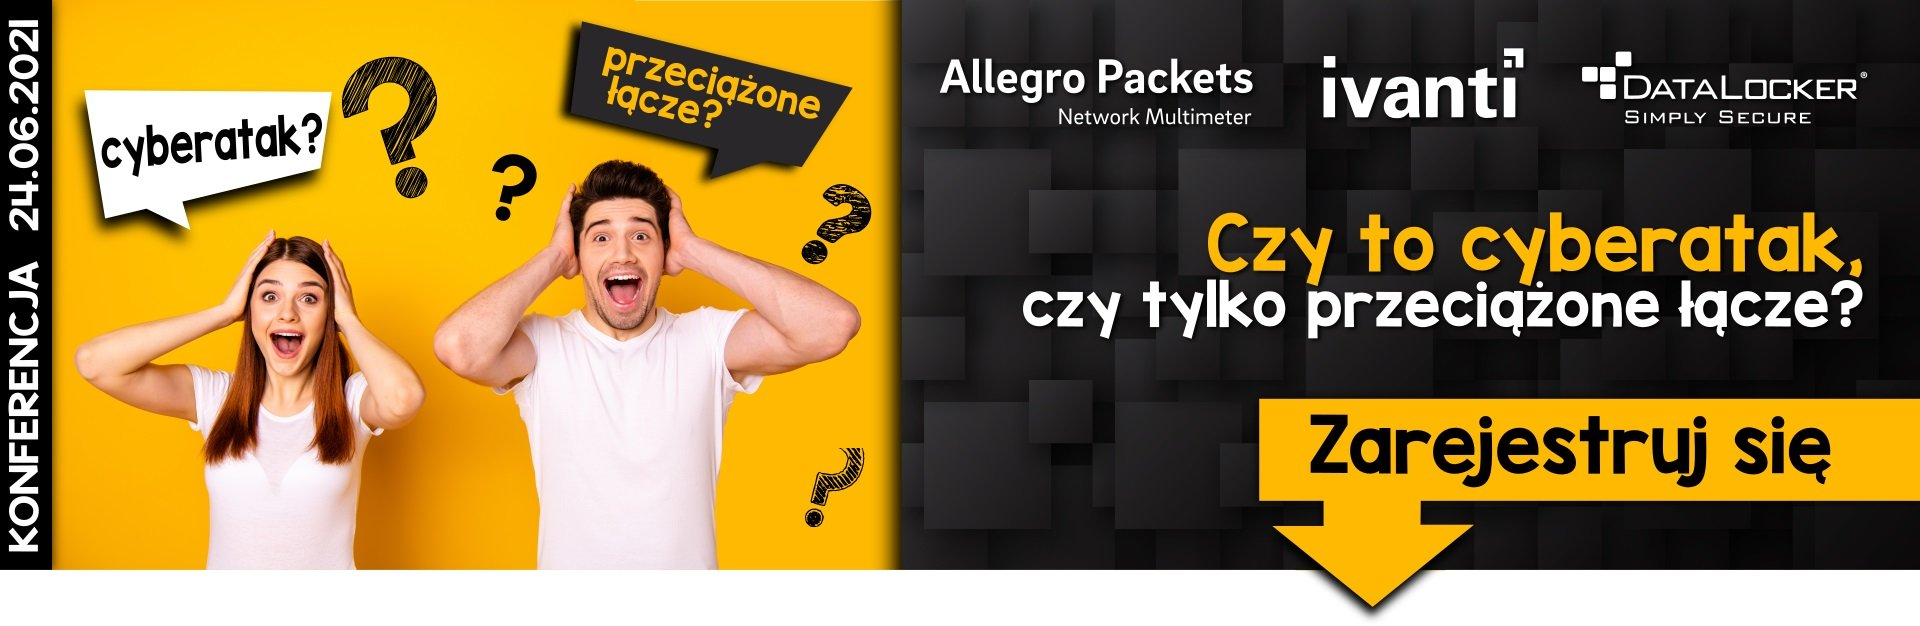 Konferencja online 24.06.2021 - cyberatak czy tylko przeciazone lacze - HEADER